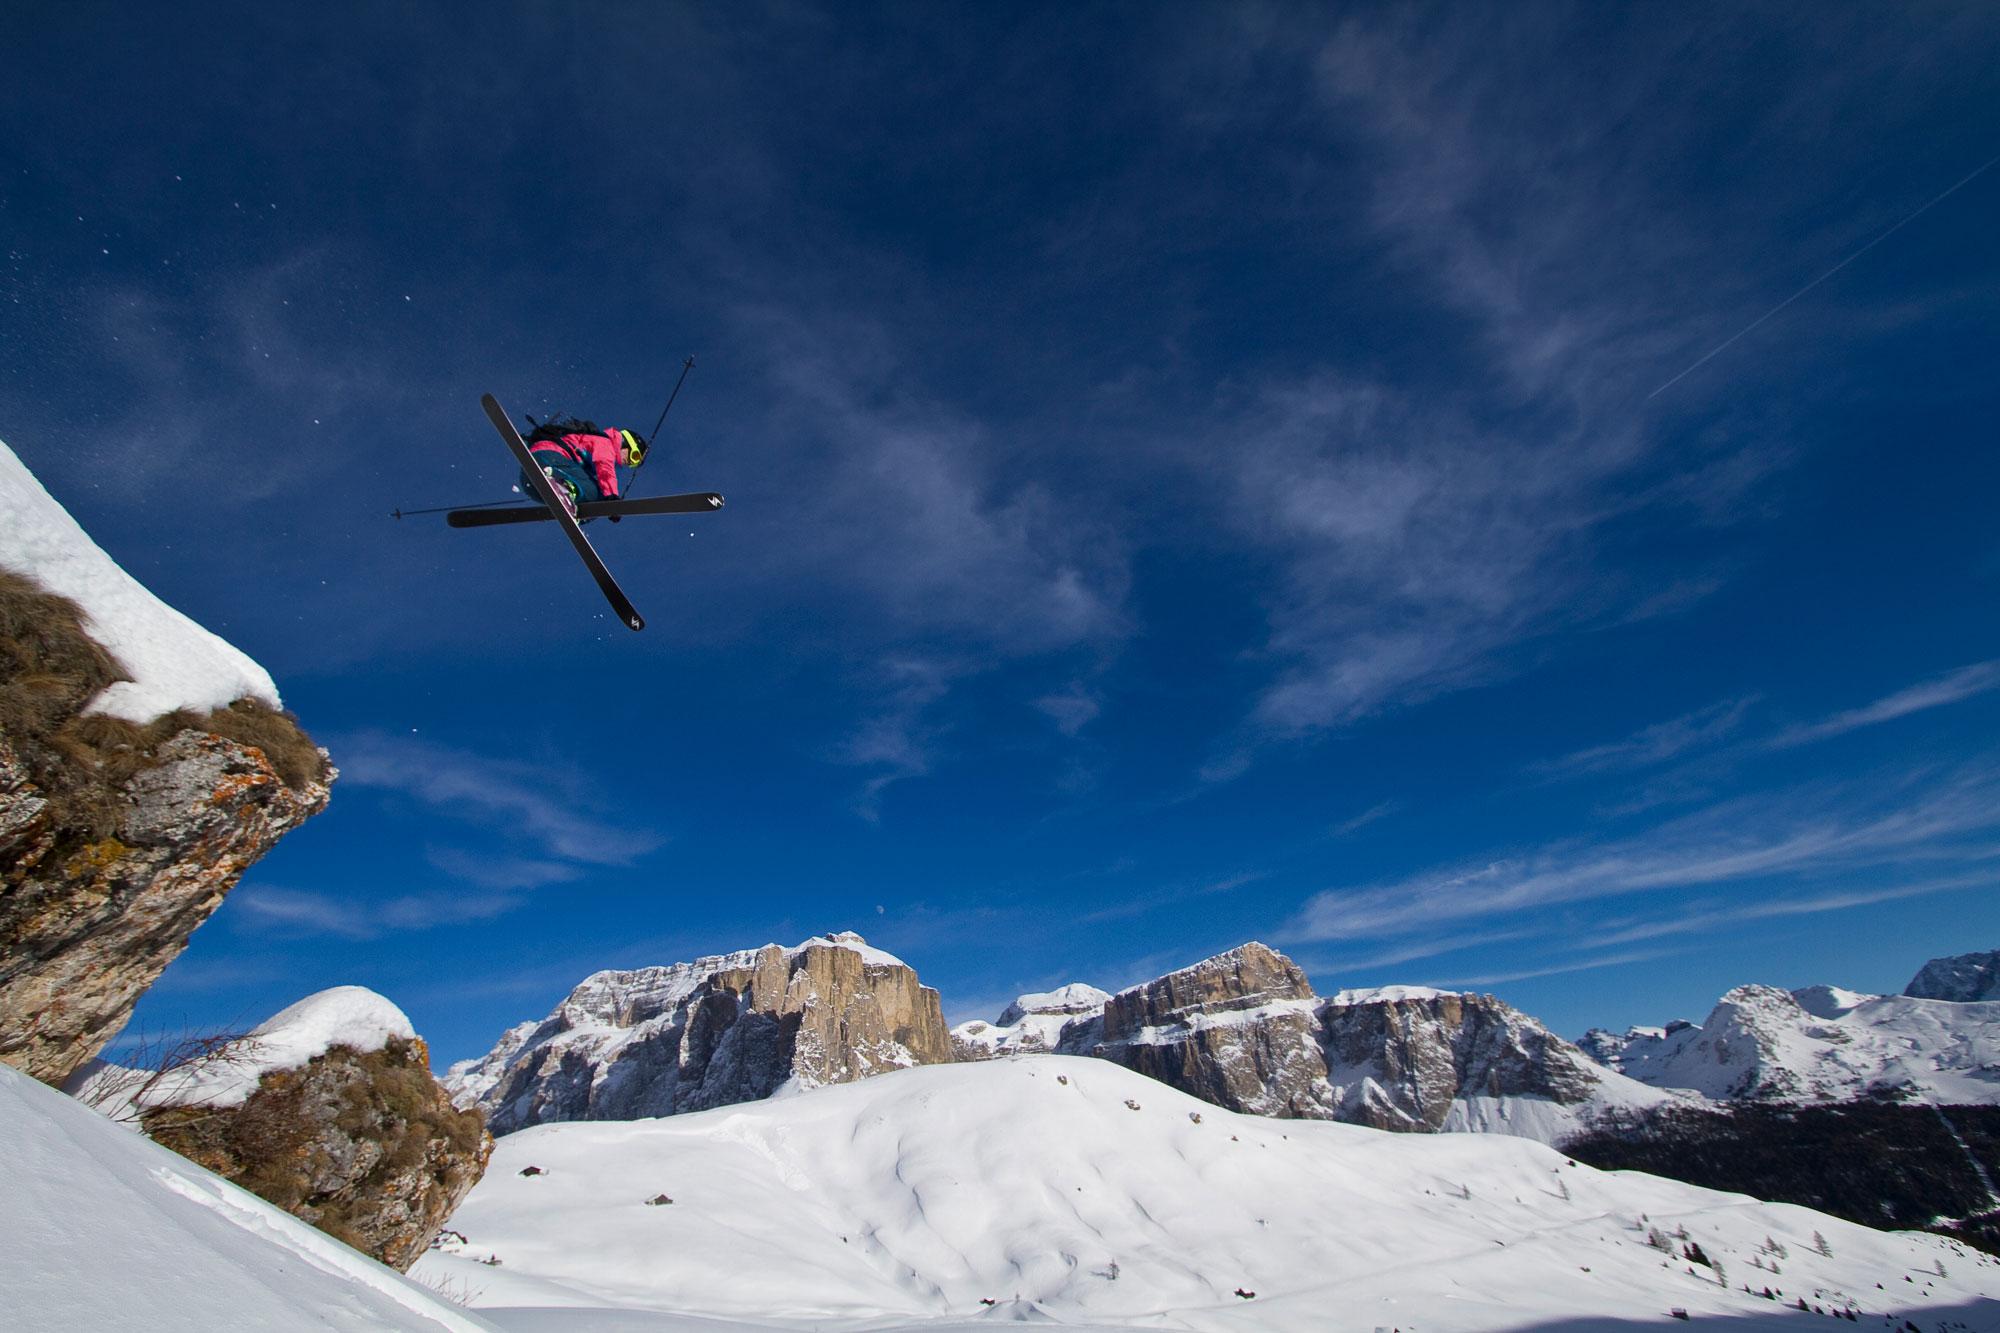 Sportliche Momente mit der Kamera festhalten © Franz Faltermaier